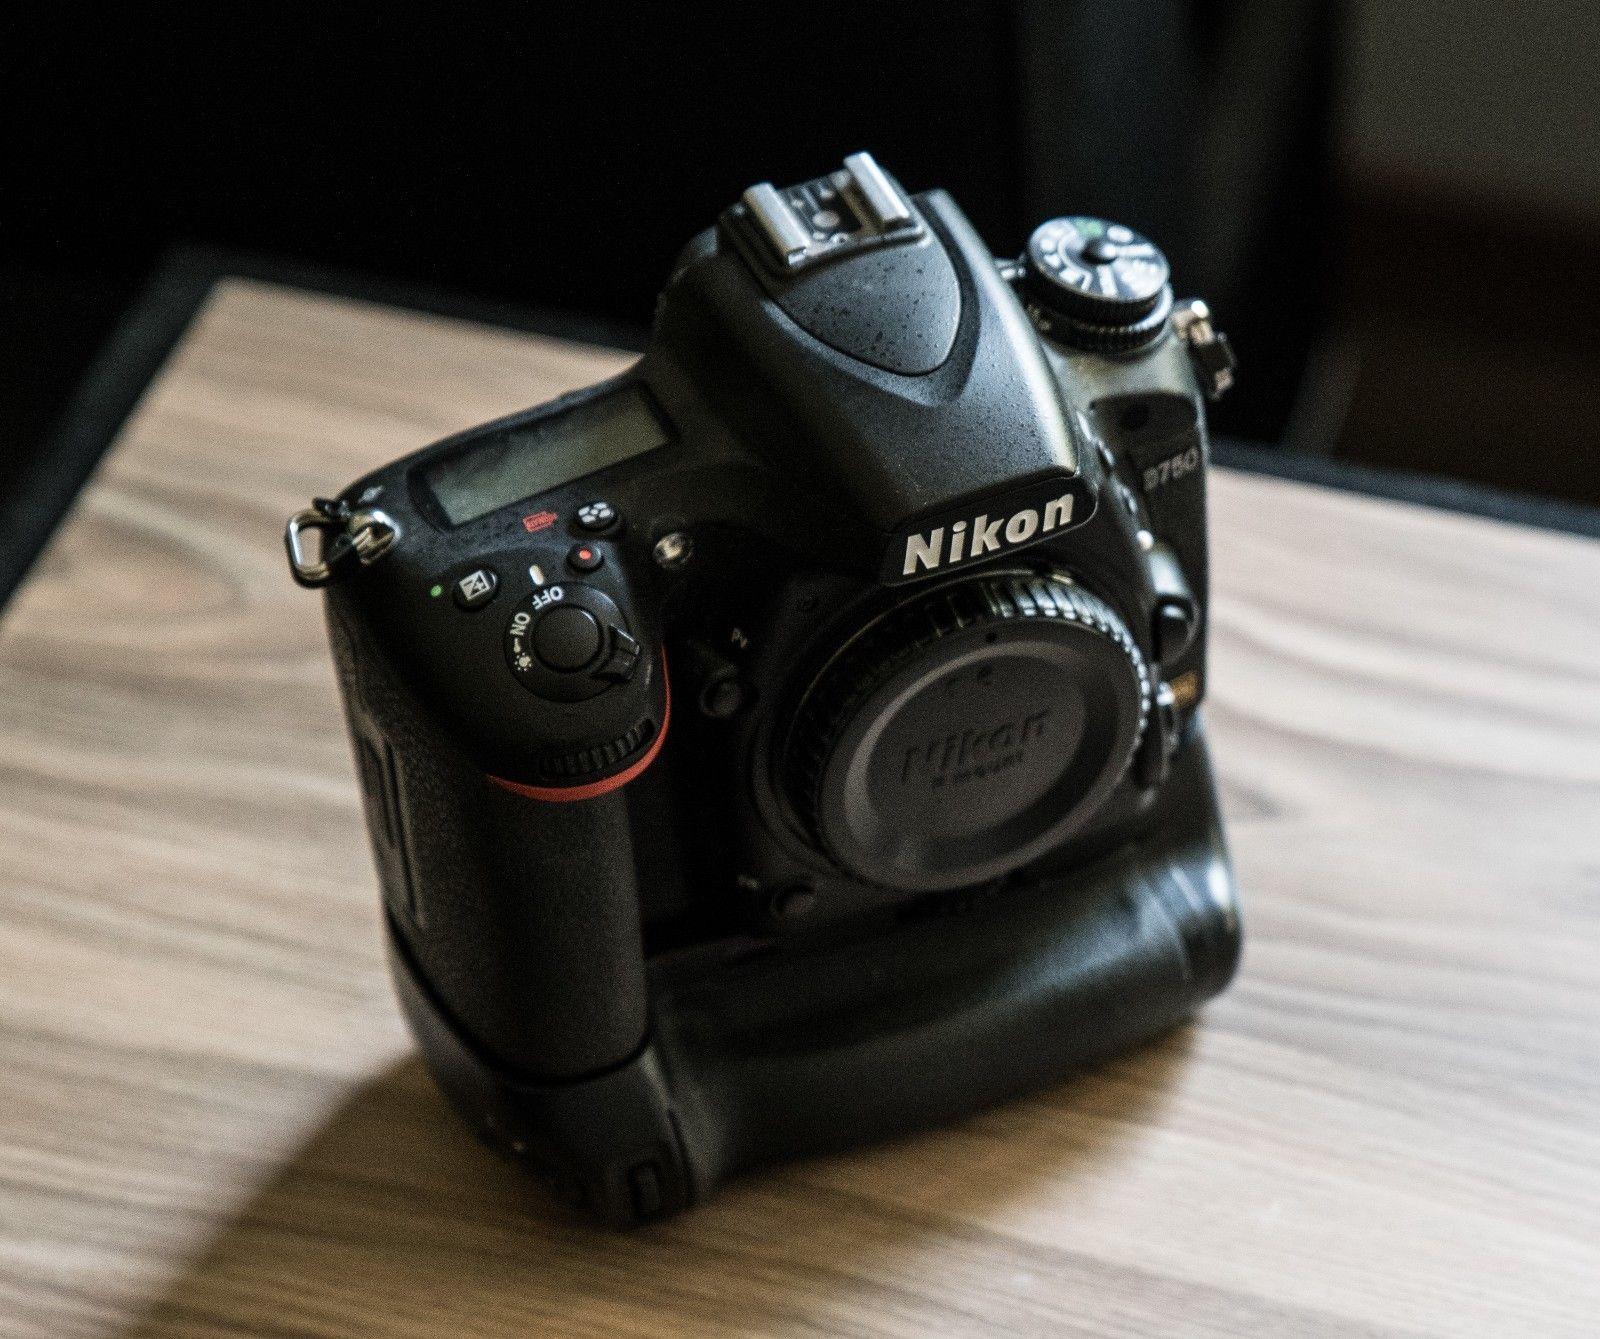 Nikon D D750 24.3 MP DSLR, plus Batteriegriff, OVP, nur 9443 Auslösungen, Top